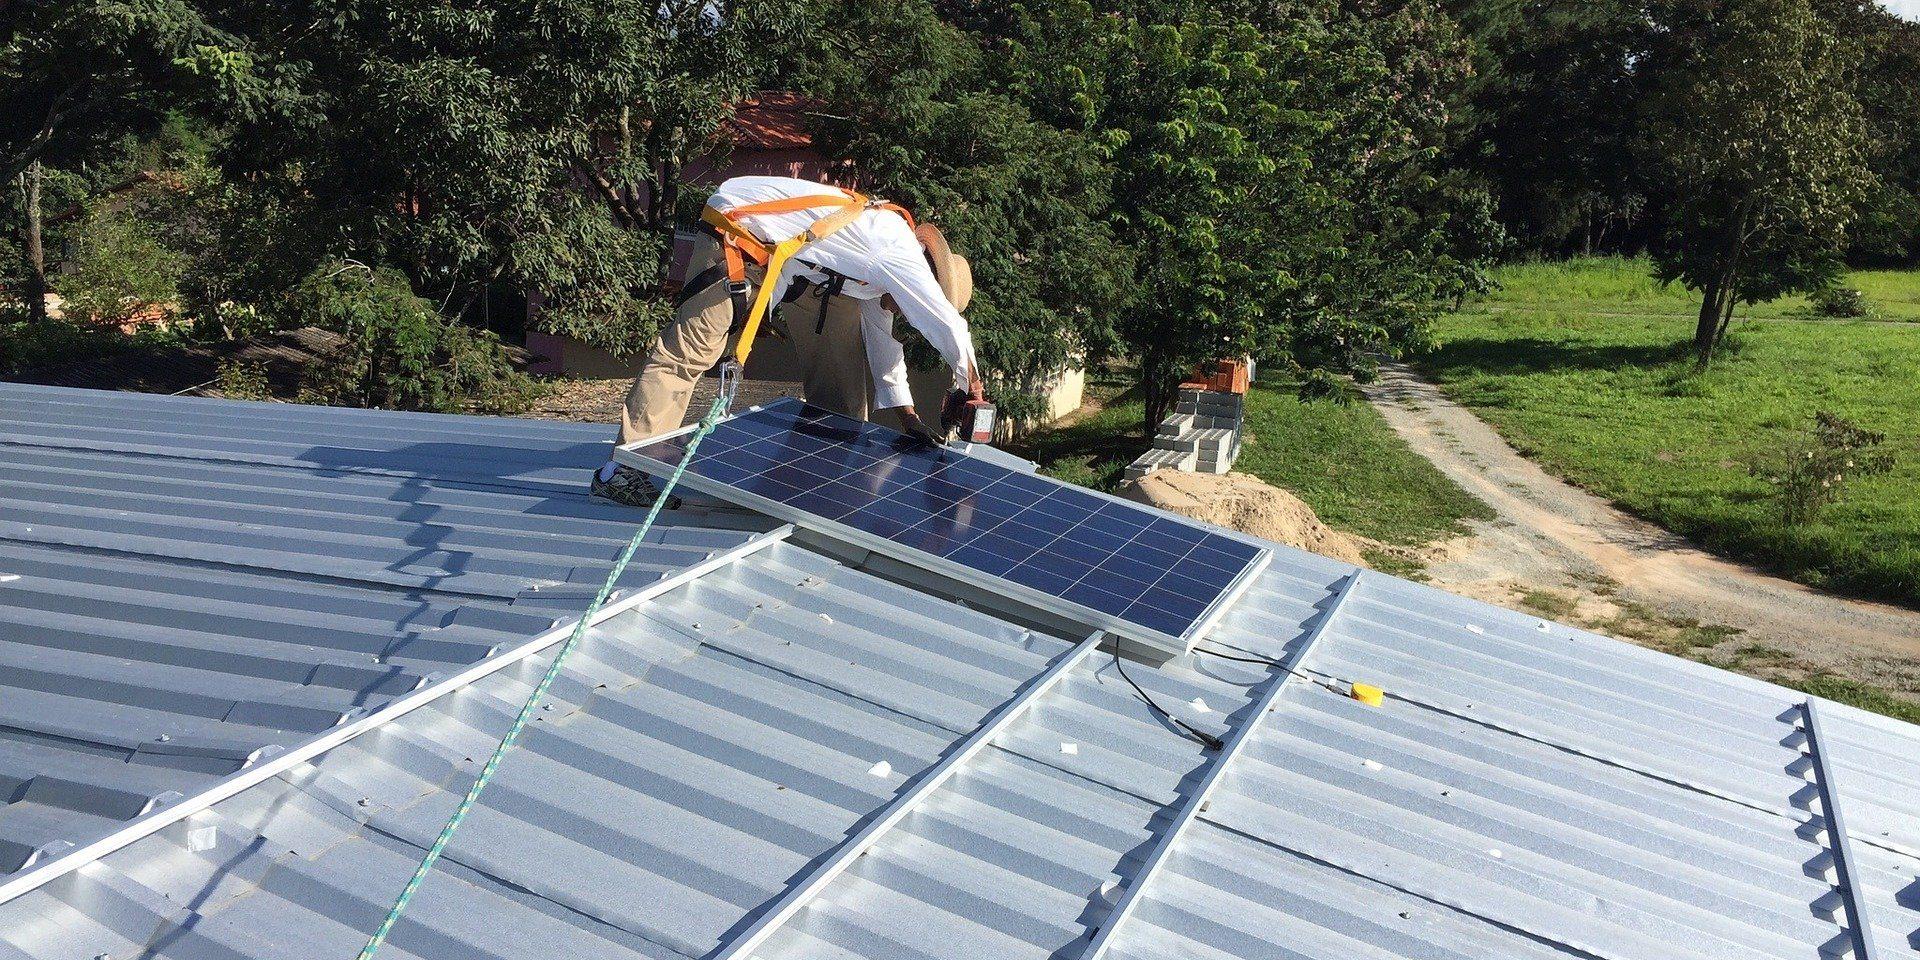 Czy możliwe jest samodzielne zamontowanie paneli słonecznych?